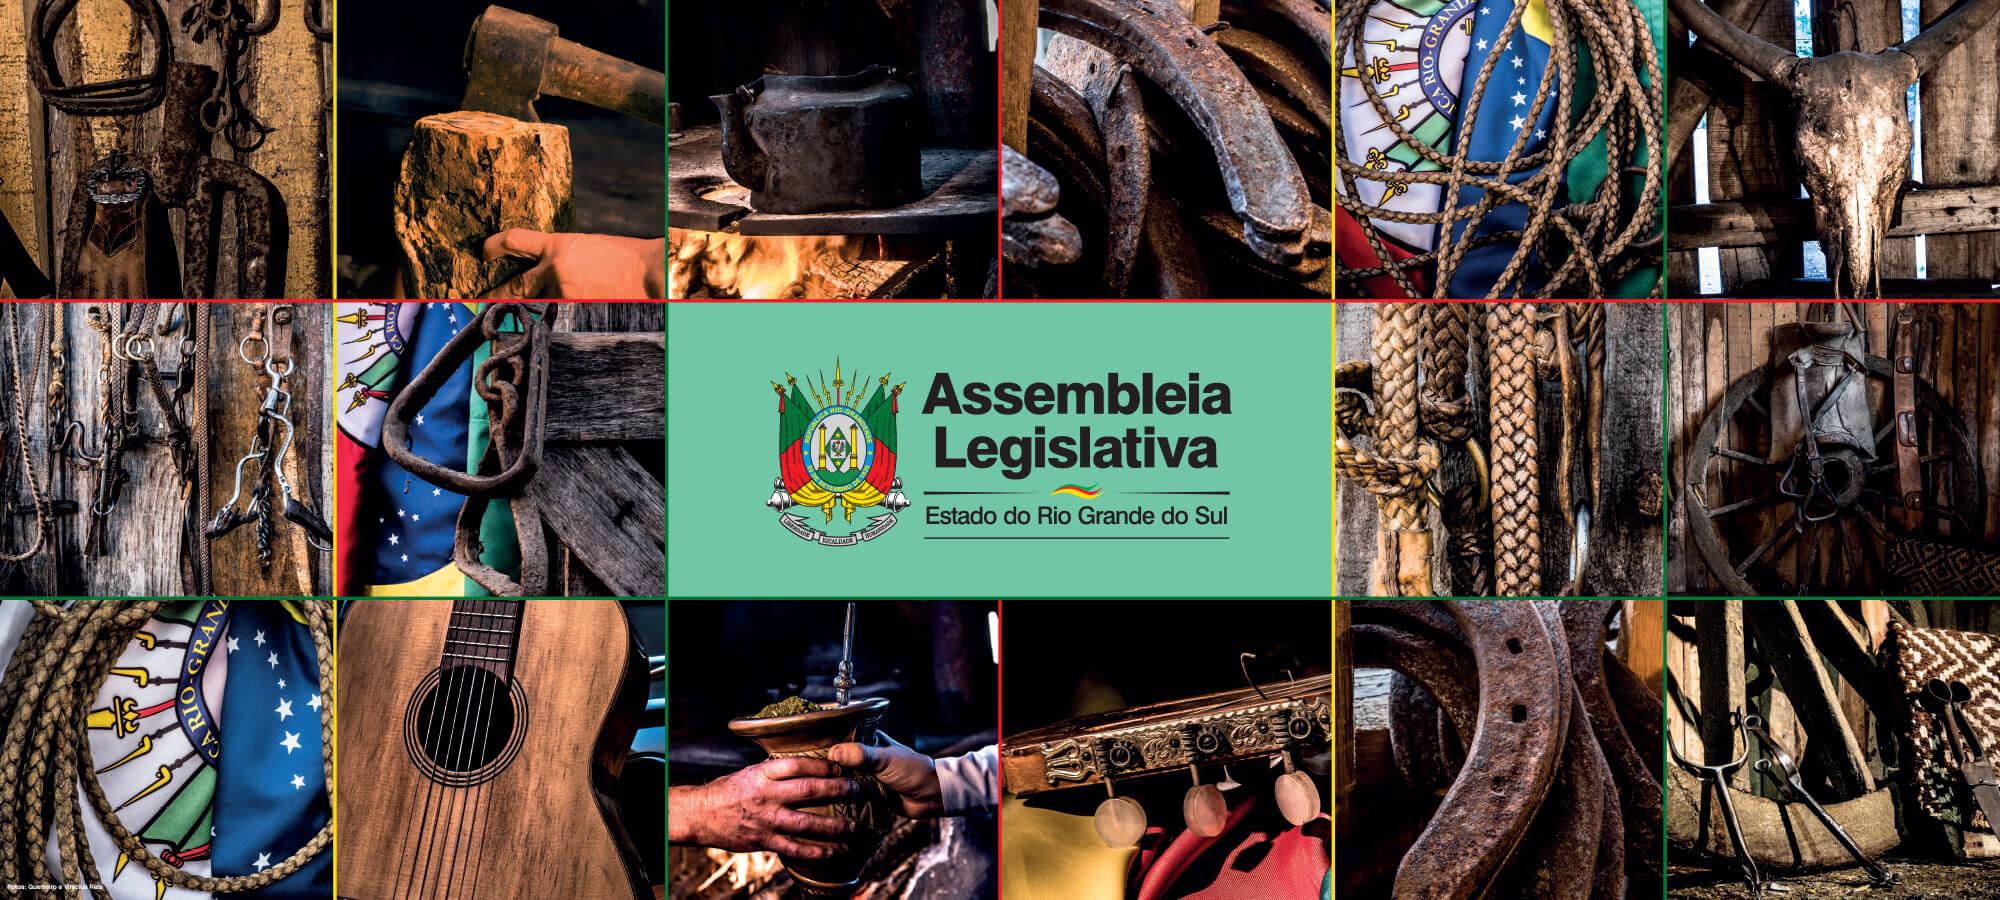 Material produzido para a Casa da Assembleia Legislativa, na Expointer.